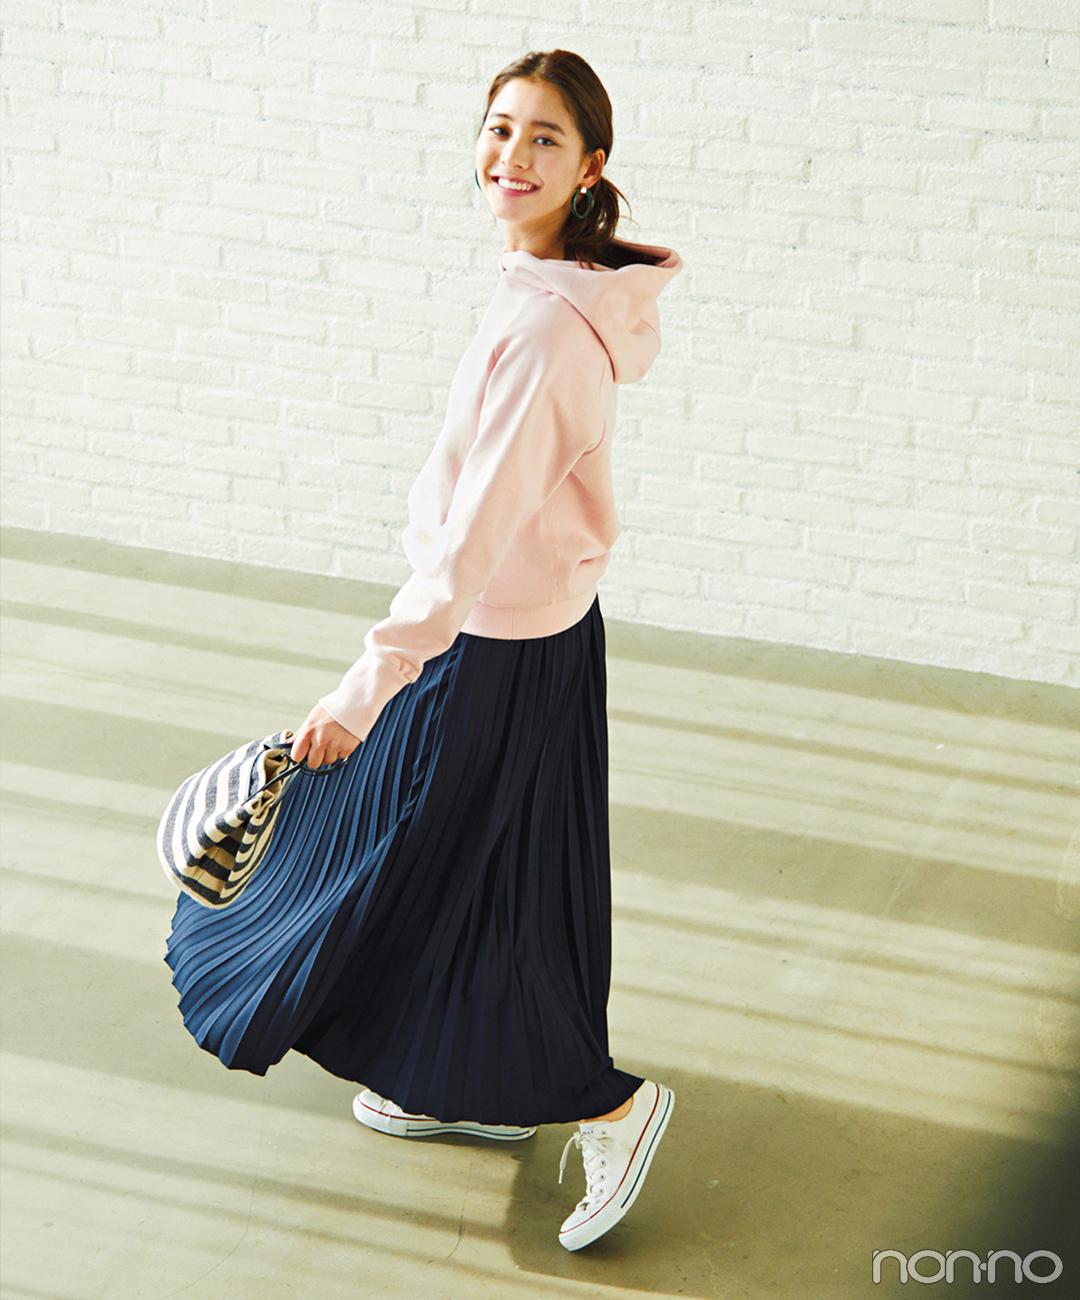 新木優子はフーディにプリーツスカートを合わせて女らしさをオン!【毎日コーデ】_1_1